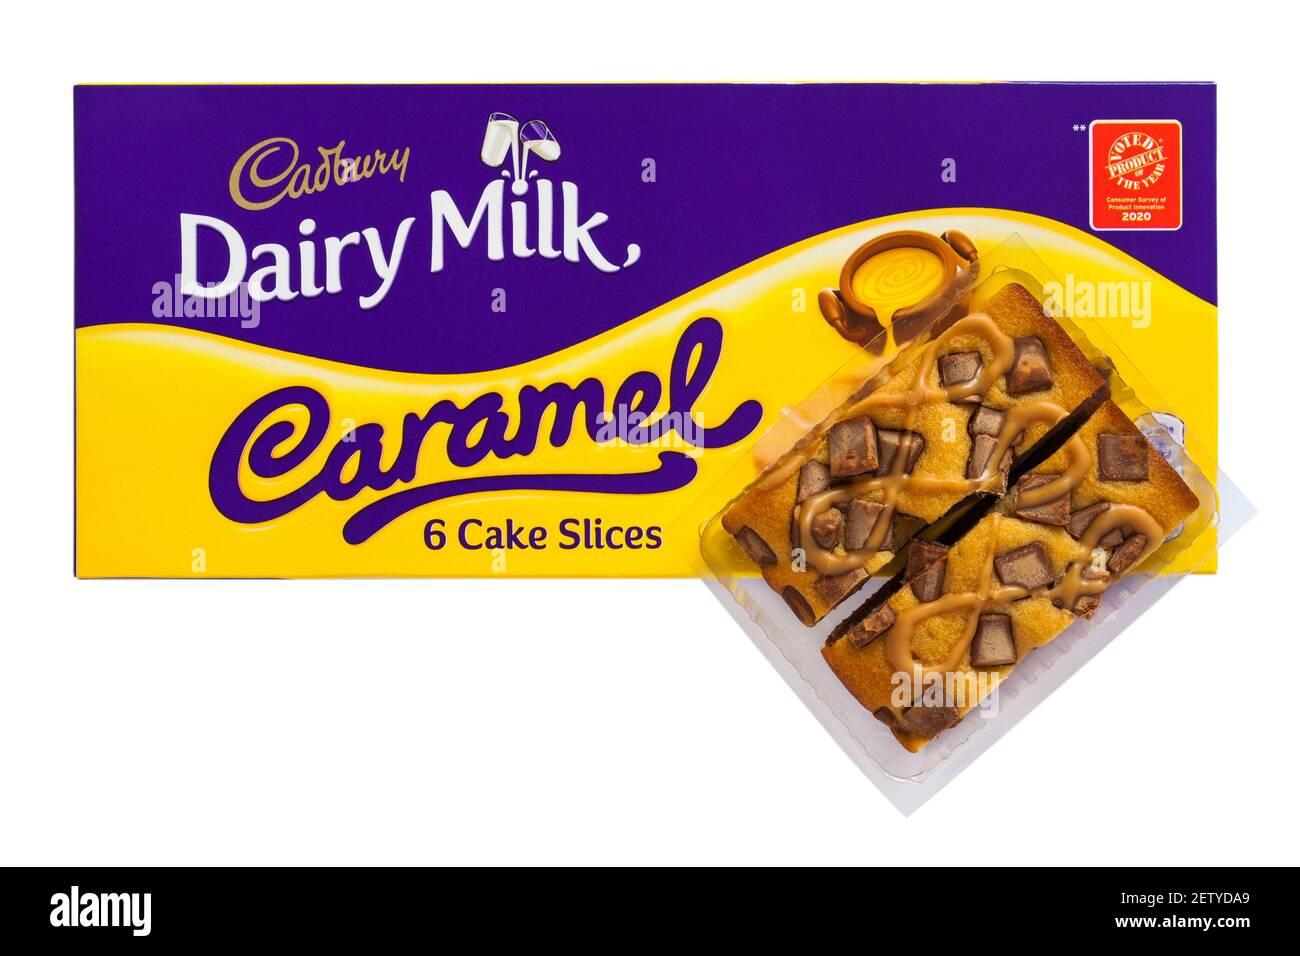 Paquet de tranches de gâteau au caramel de lait Cadbury Dairy ouvert à afficher le contenu isolé sur fond blanc Banque D'Images